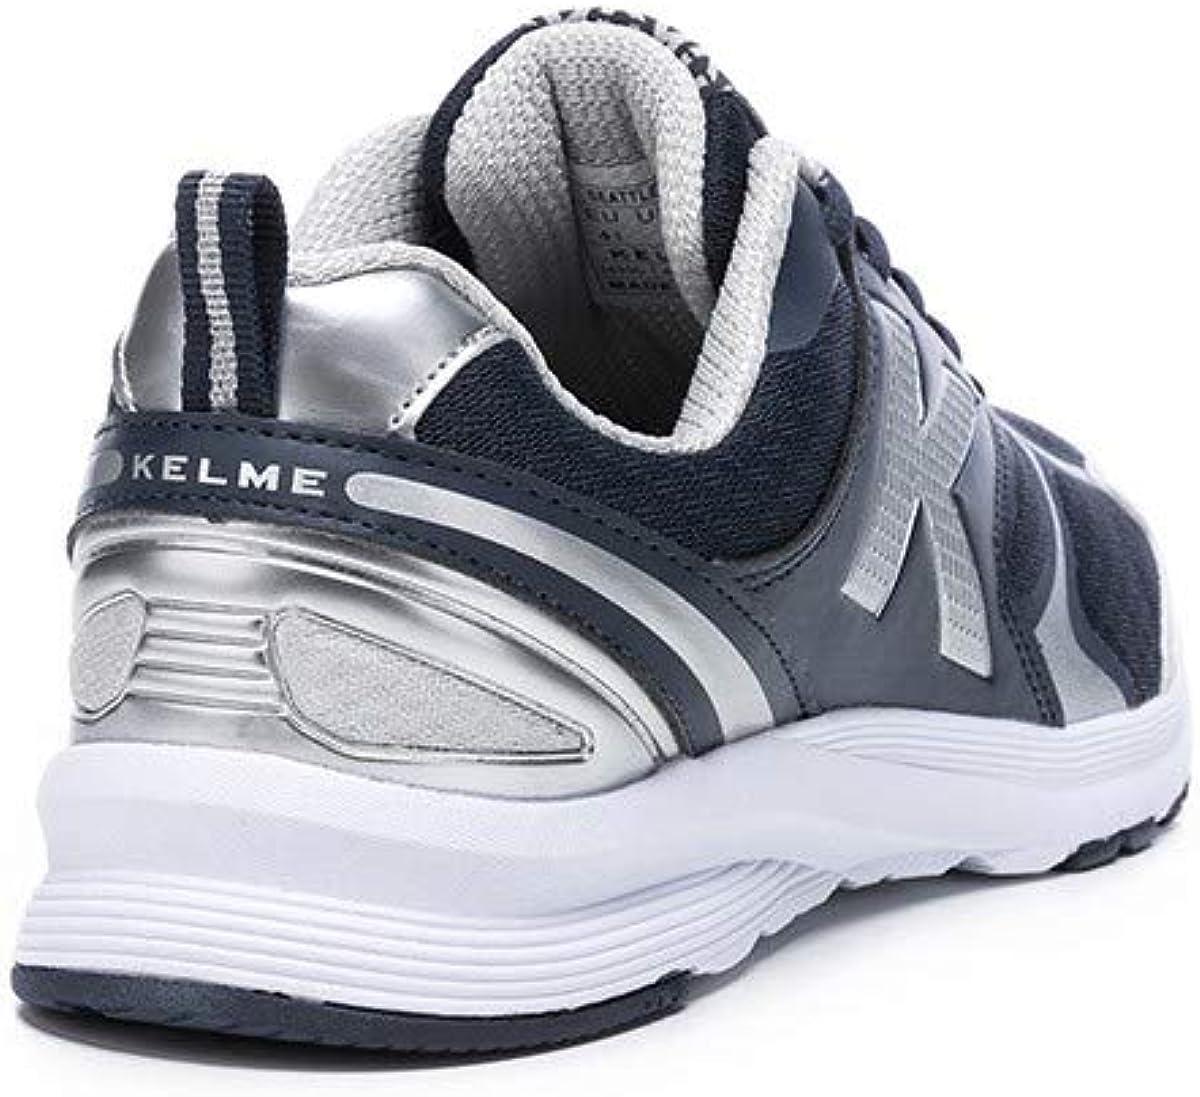 Kelme - Zapatillas Seattle Flat 6.0: Amazon.es: Zapatos y complementos